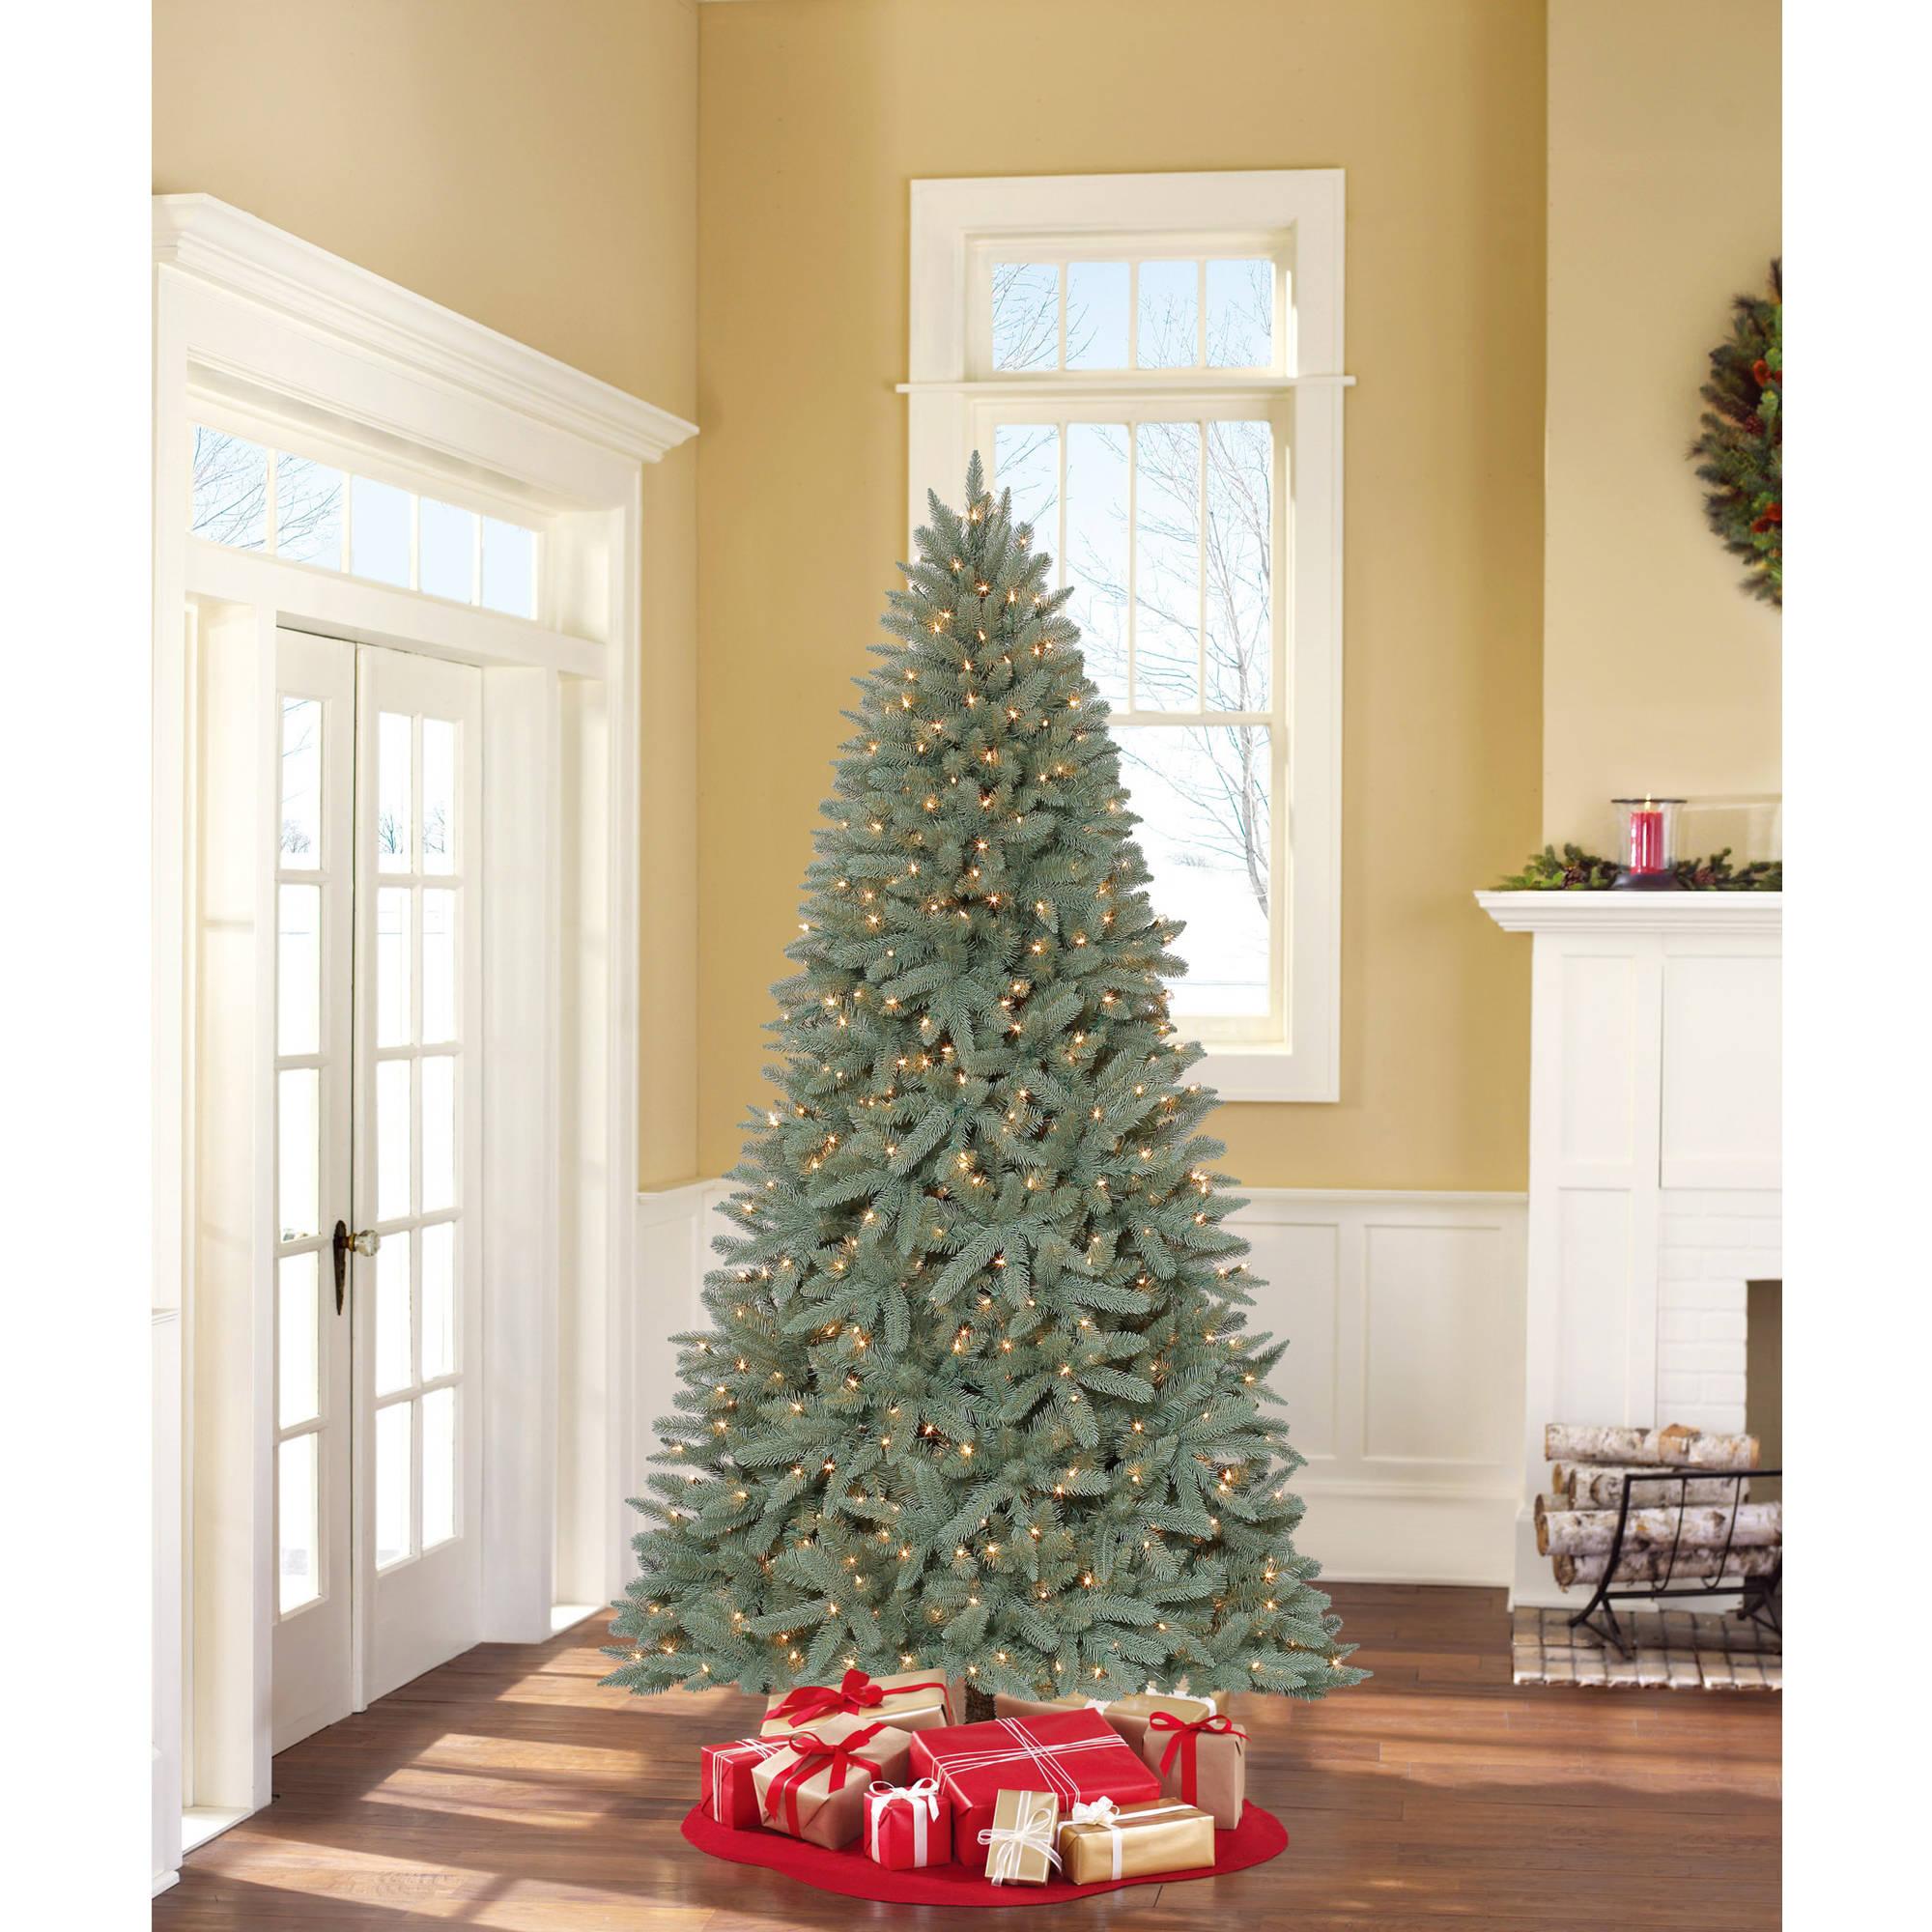 Bethlehem Lights Christmas Trees 5ft • Christmas Lights Ideas